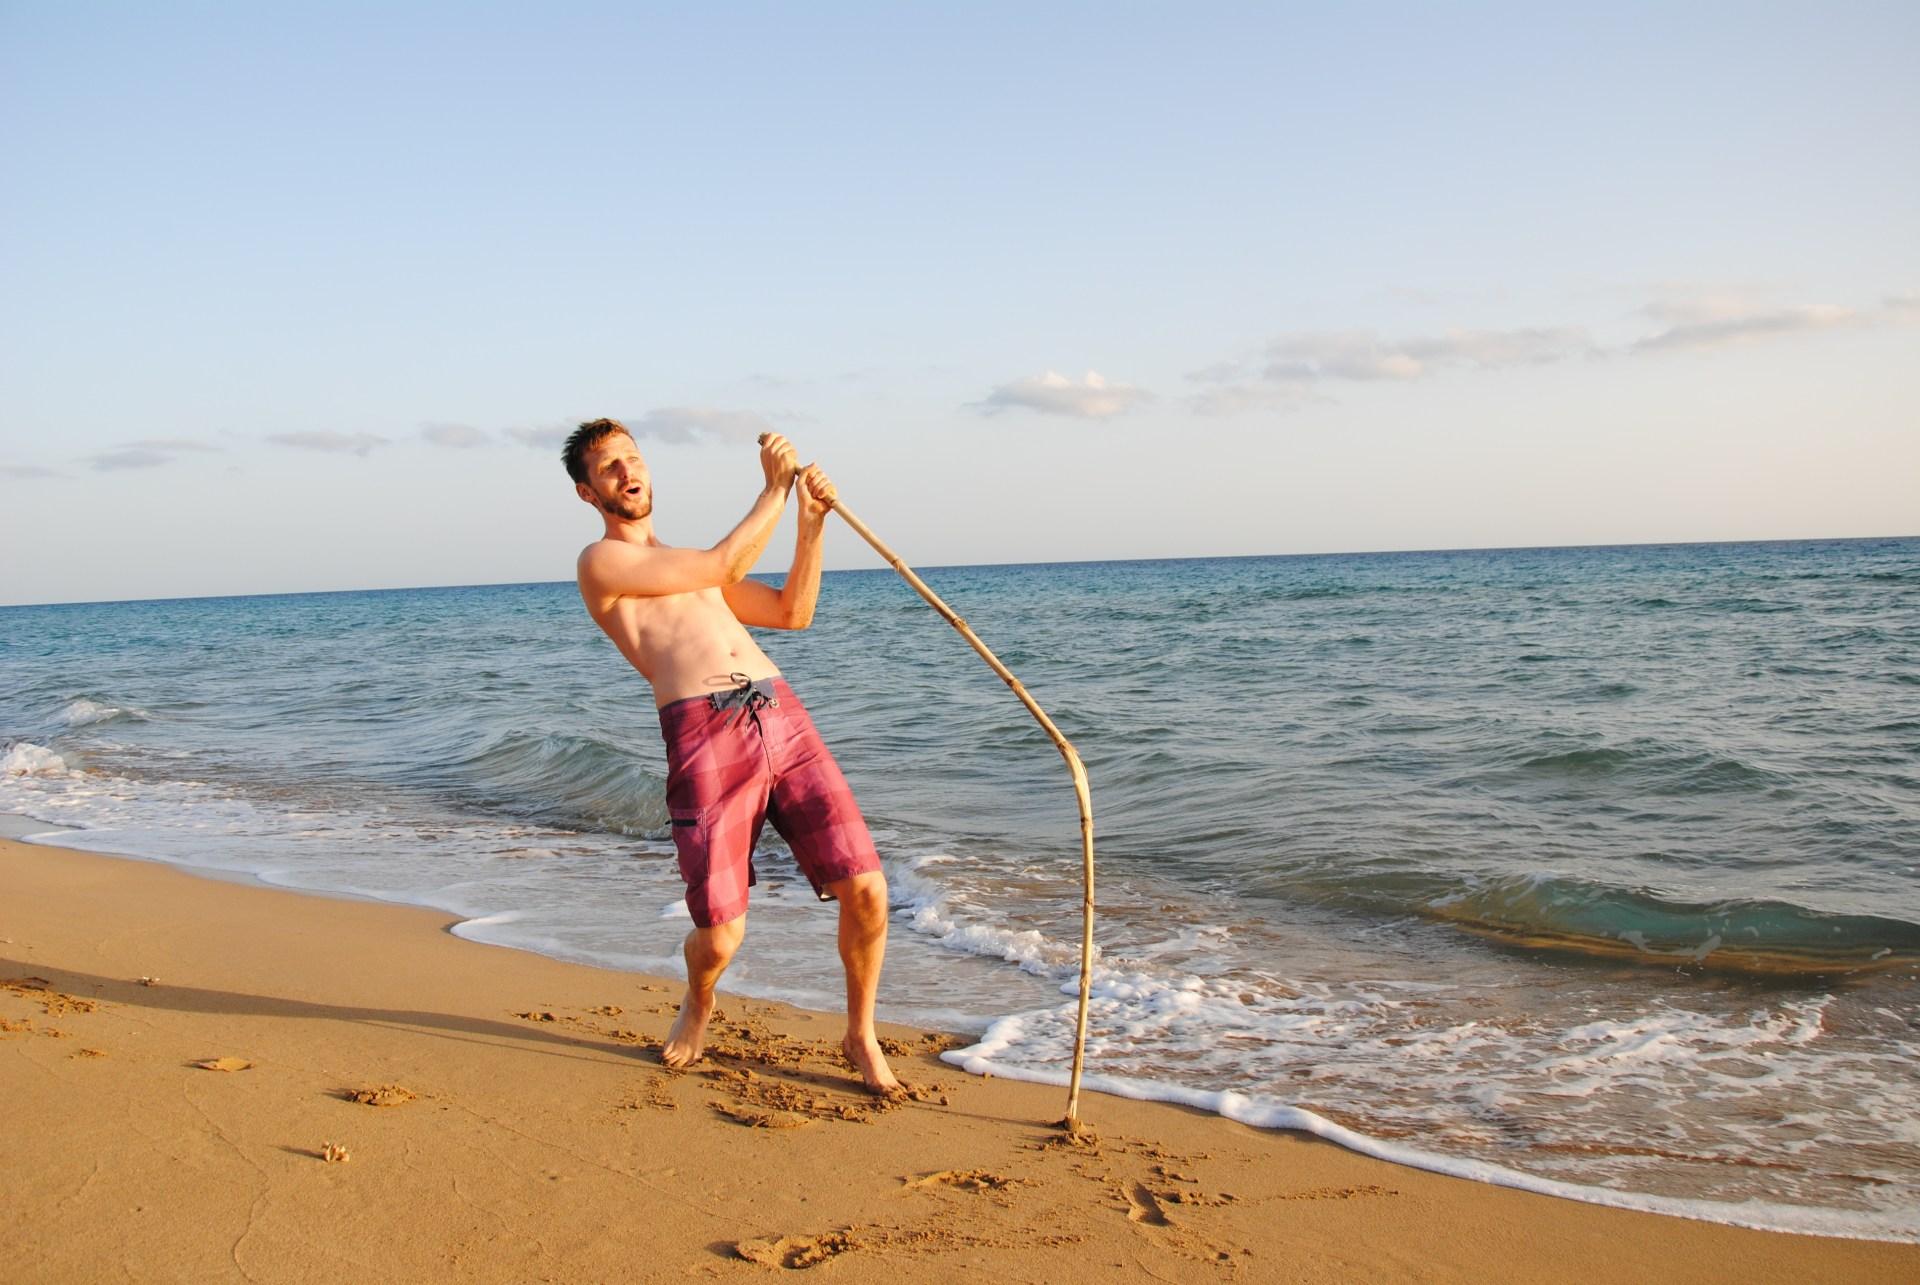 Sebastian miemt einen Stabhochspringer am Strand